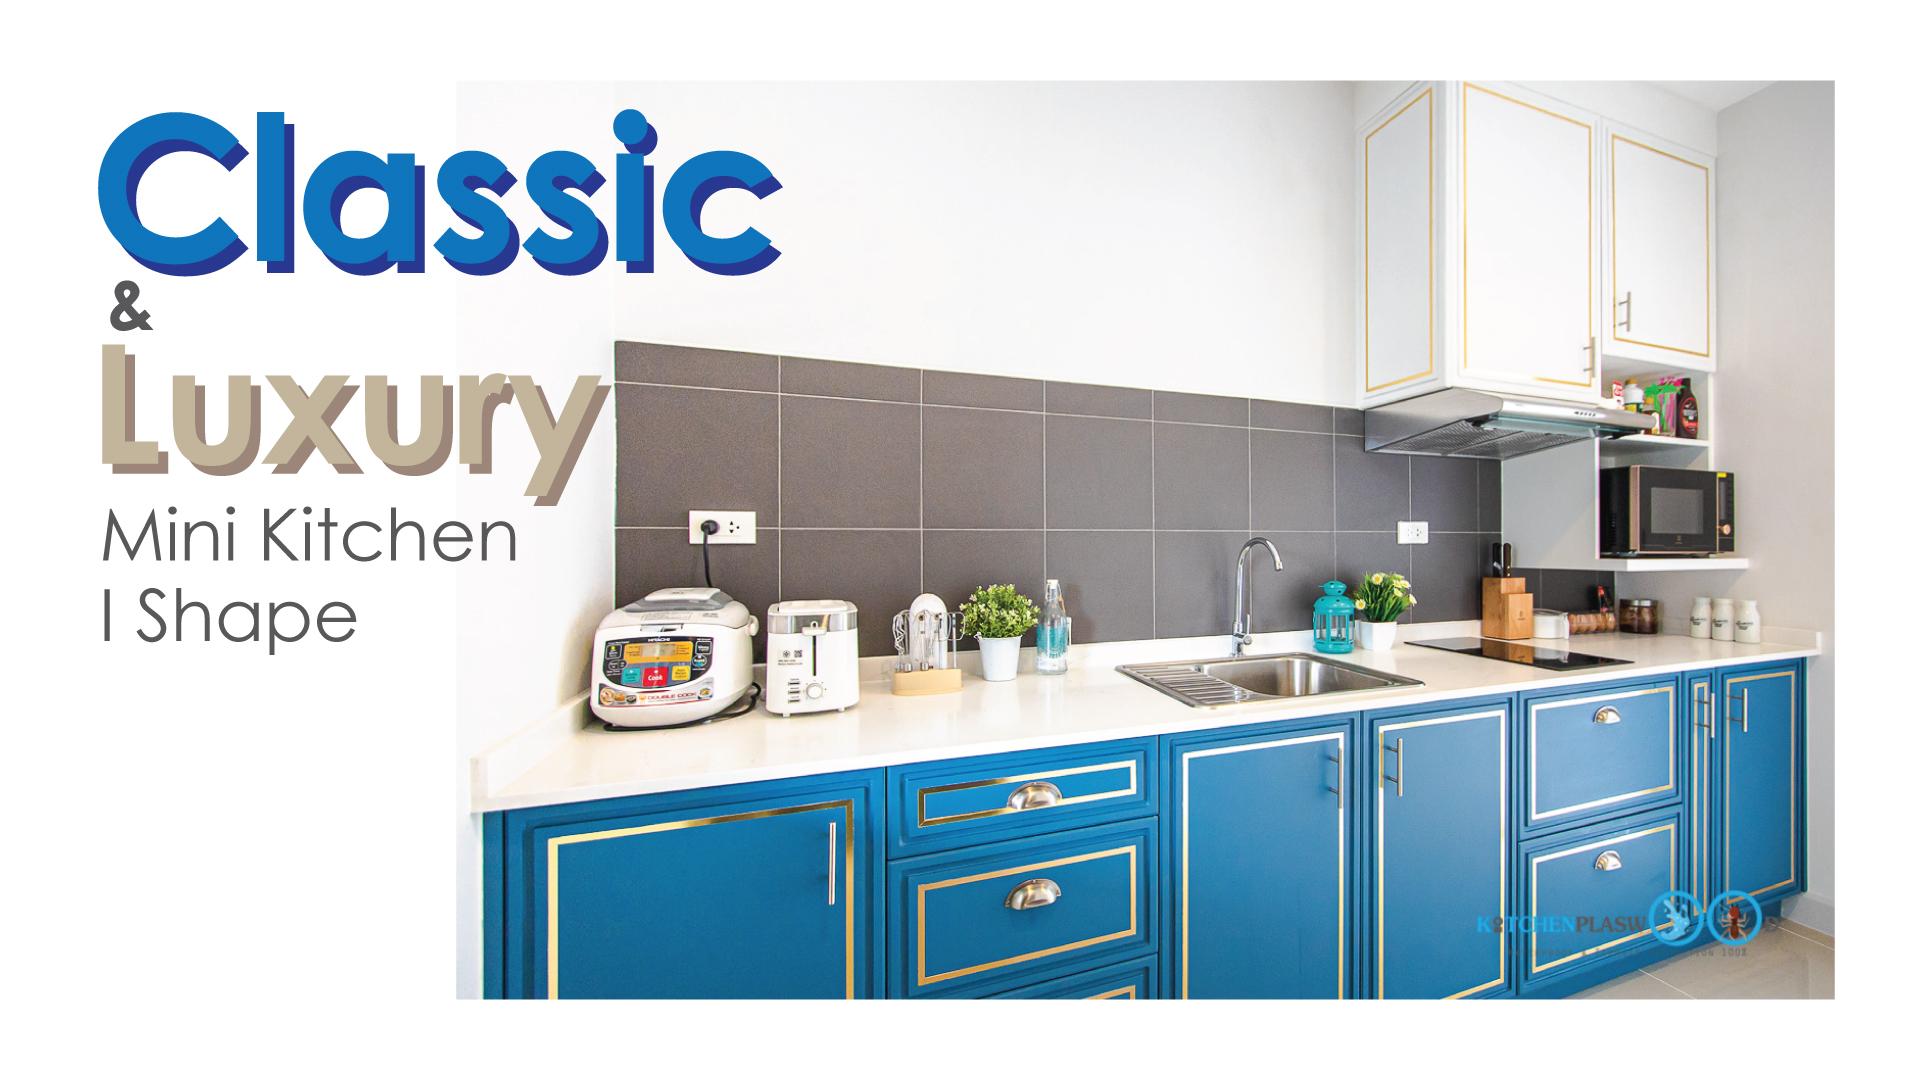 ชุดครัวคลาสสิกสุดหรู, Classic & Luxury, Mini Kitchen I Shape,